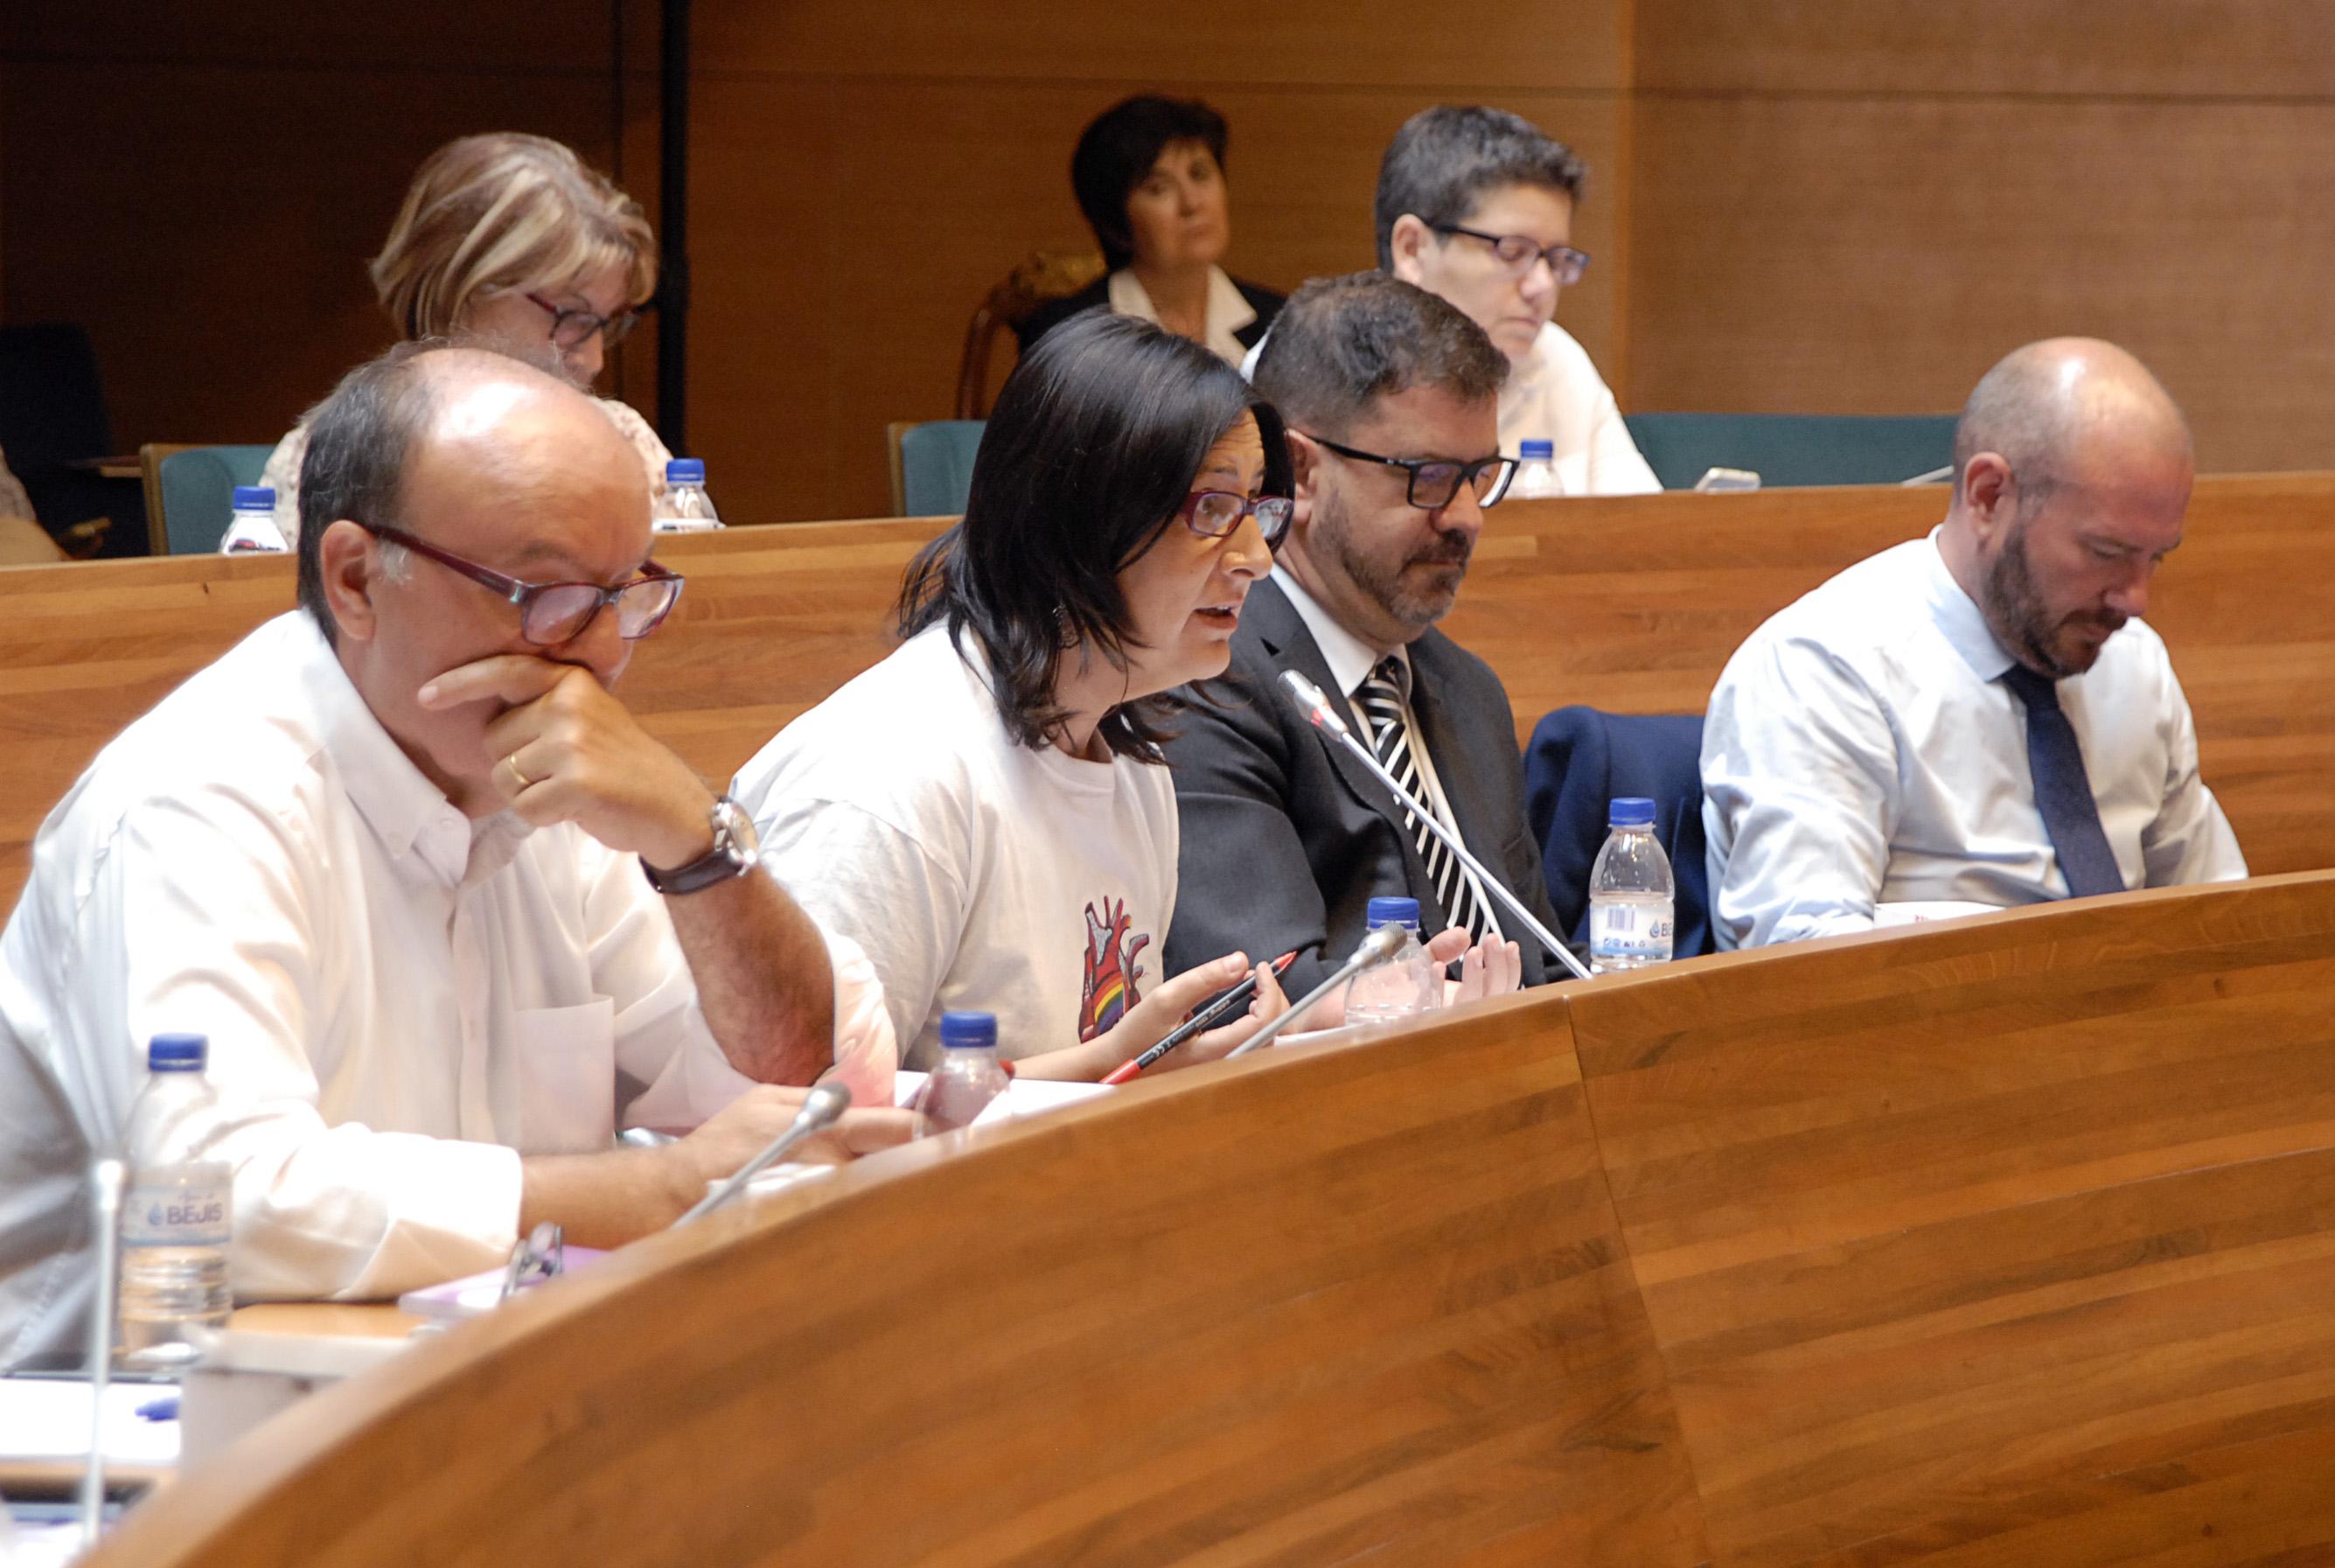 La diputada de Memòria Històrica, Rosa Pérez Garijo, durant el Ple celebrat a la Diputació de València.